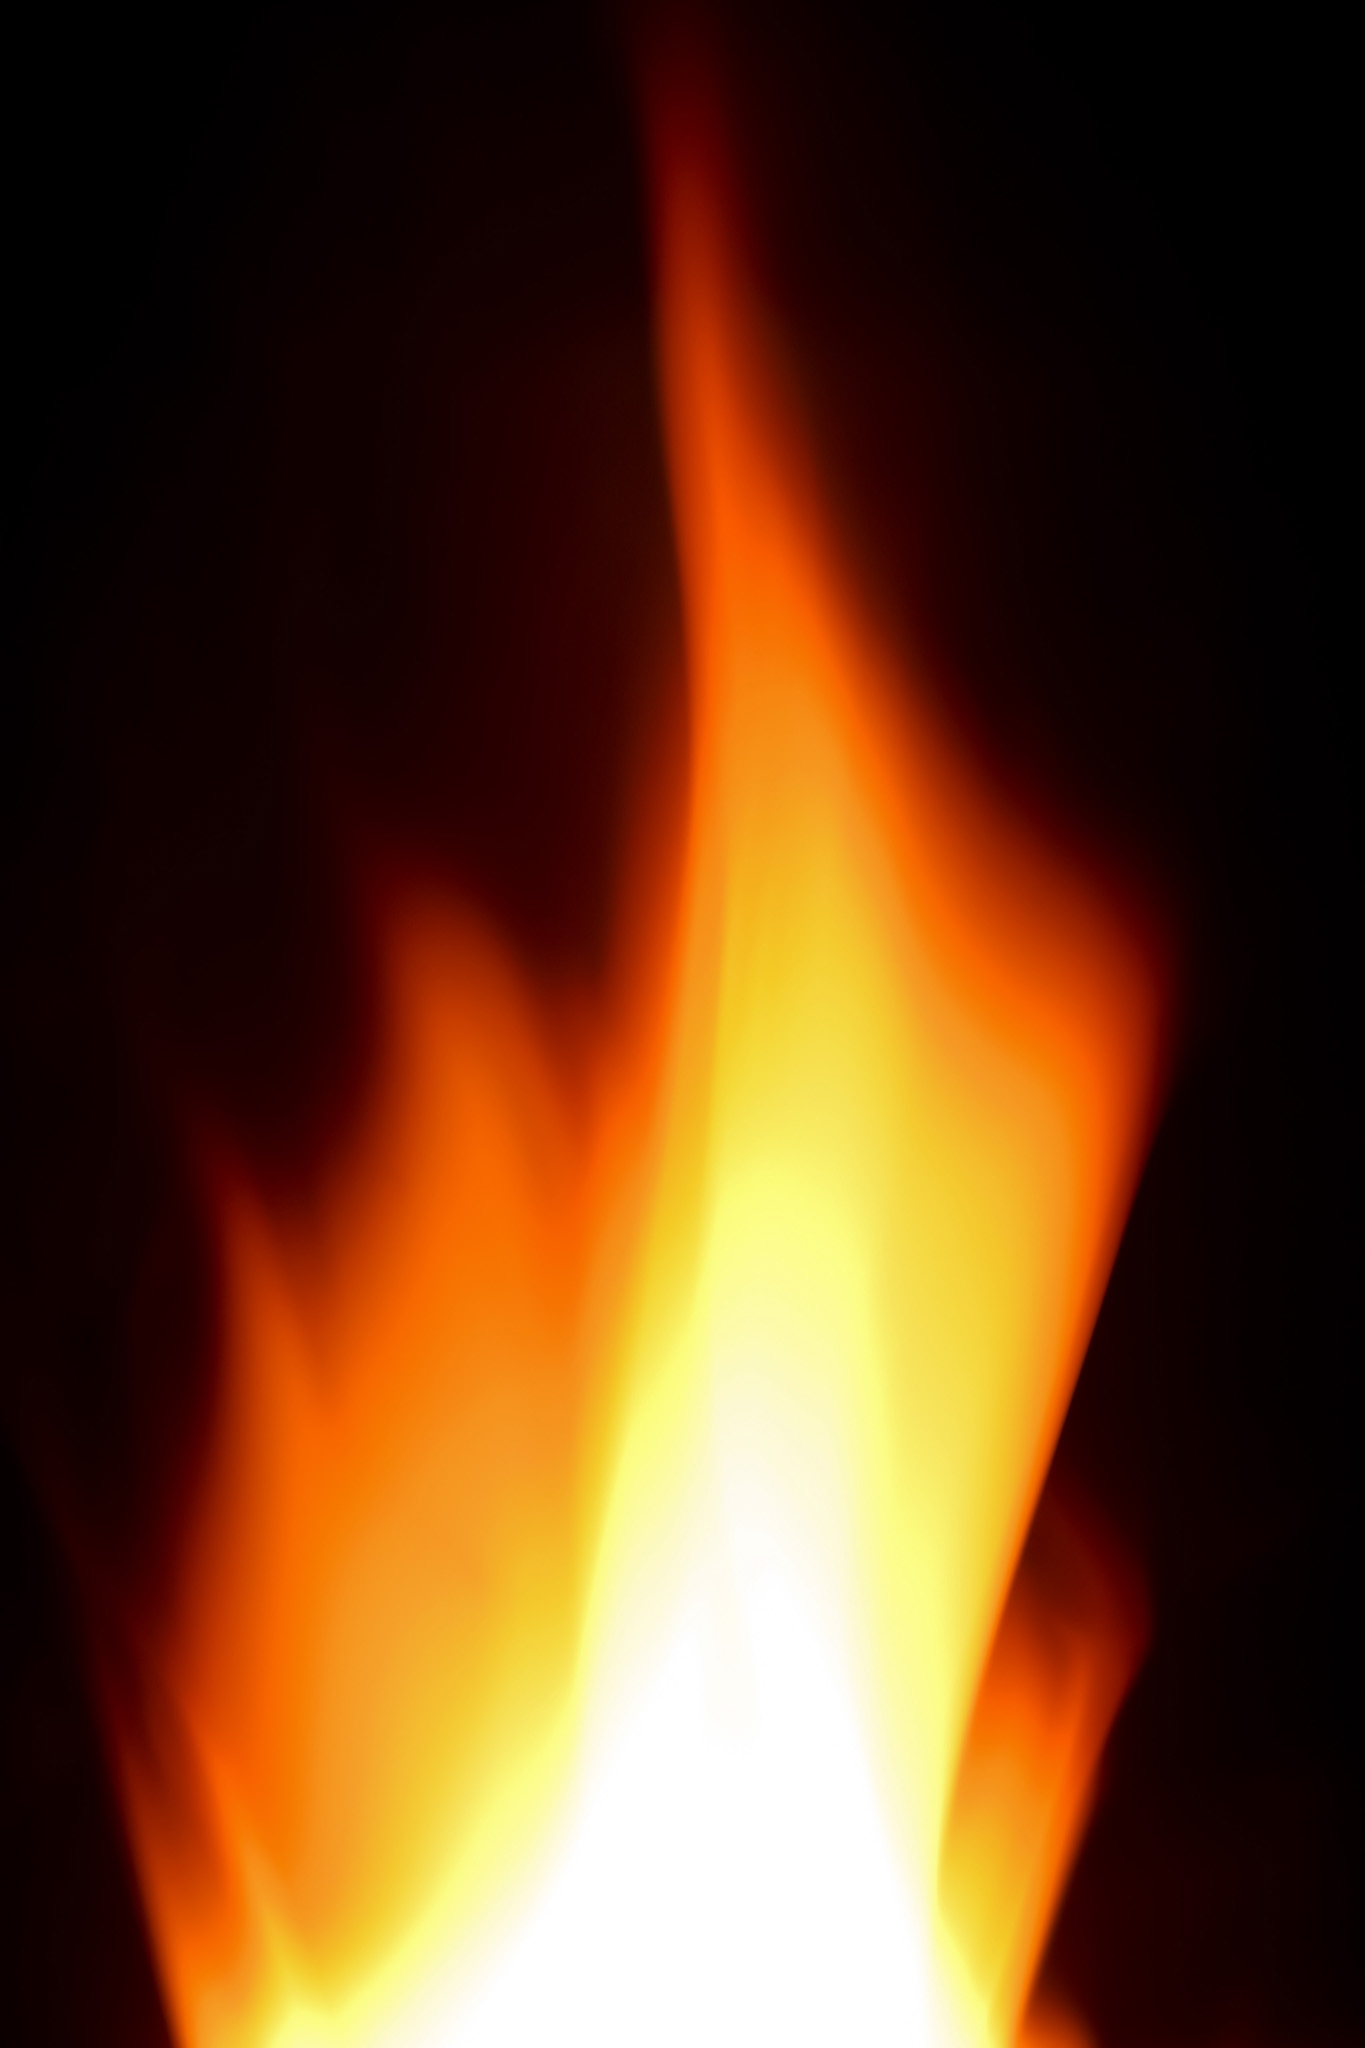 「炎」の背景を無料ダウンロード